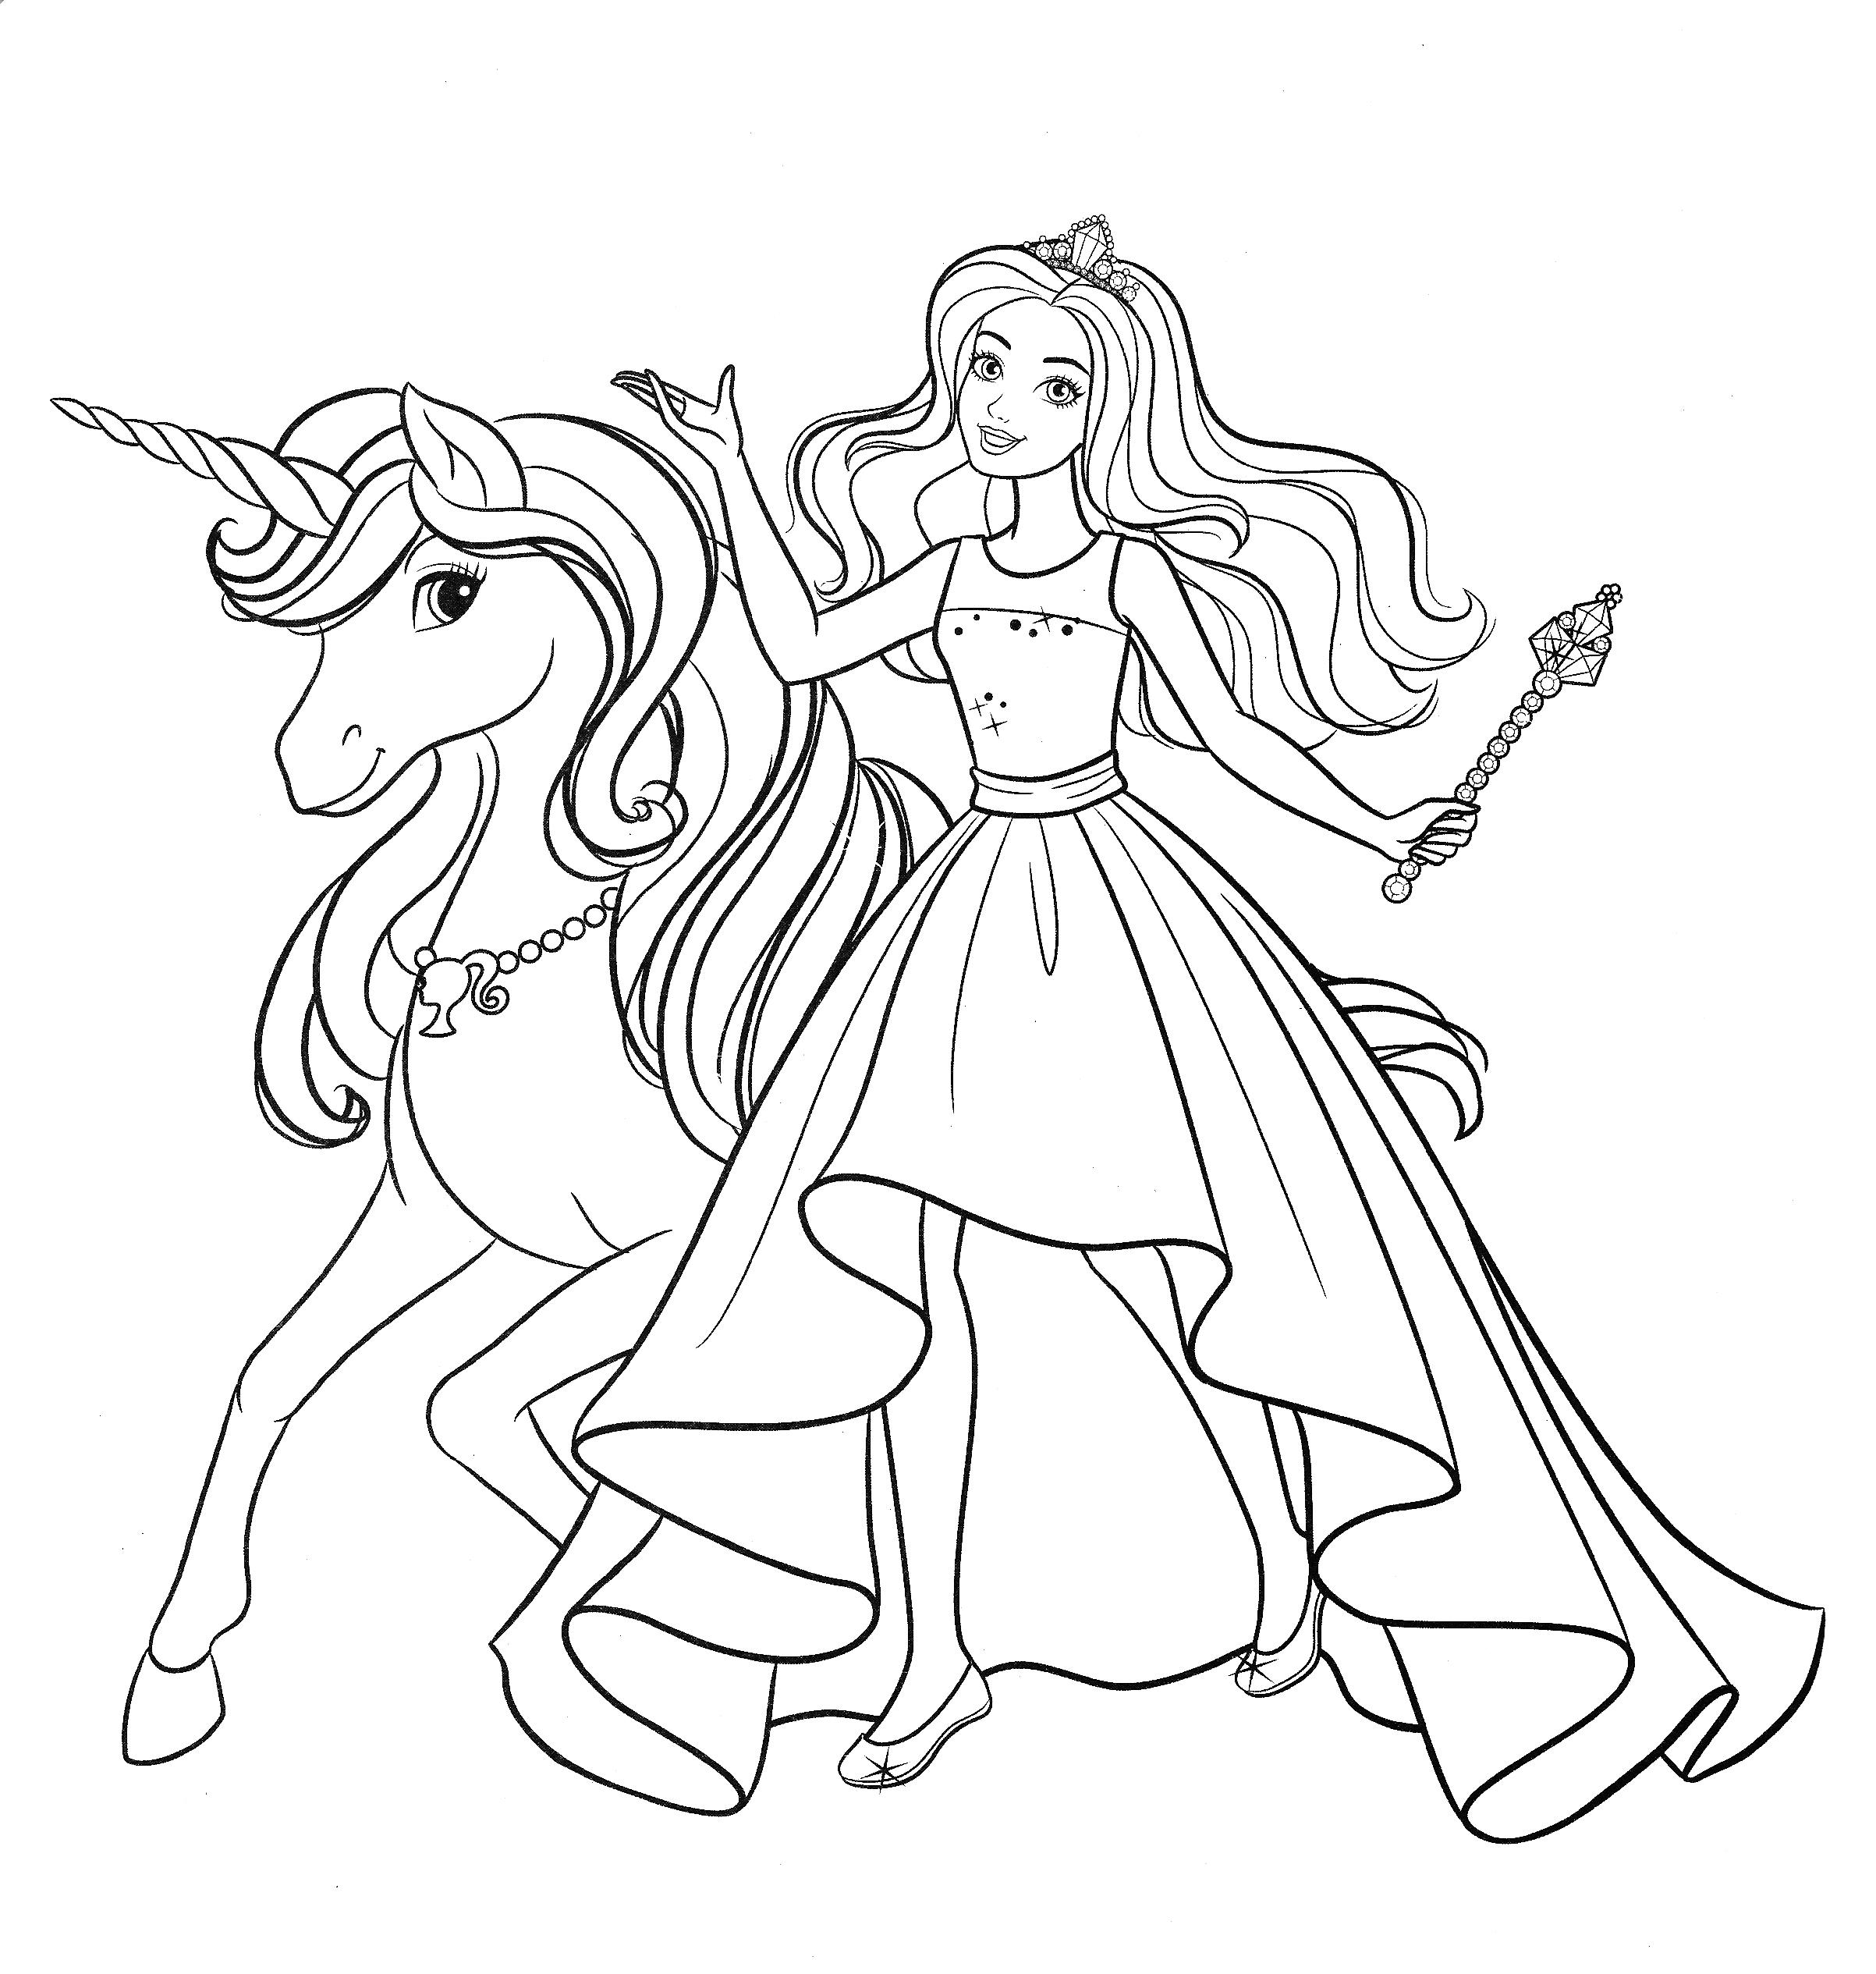 Принцесса Барби и волшебный единорог - Раскраски Барби ...